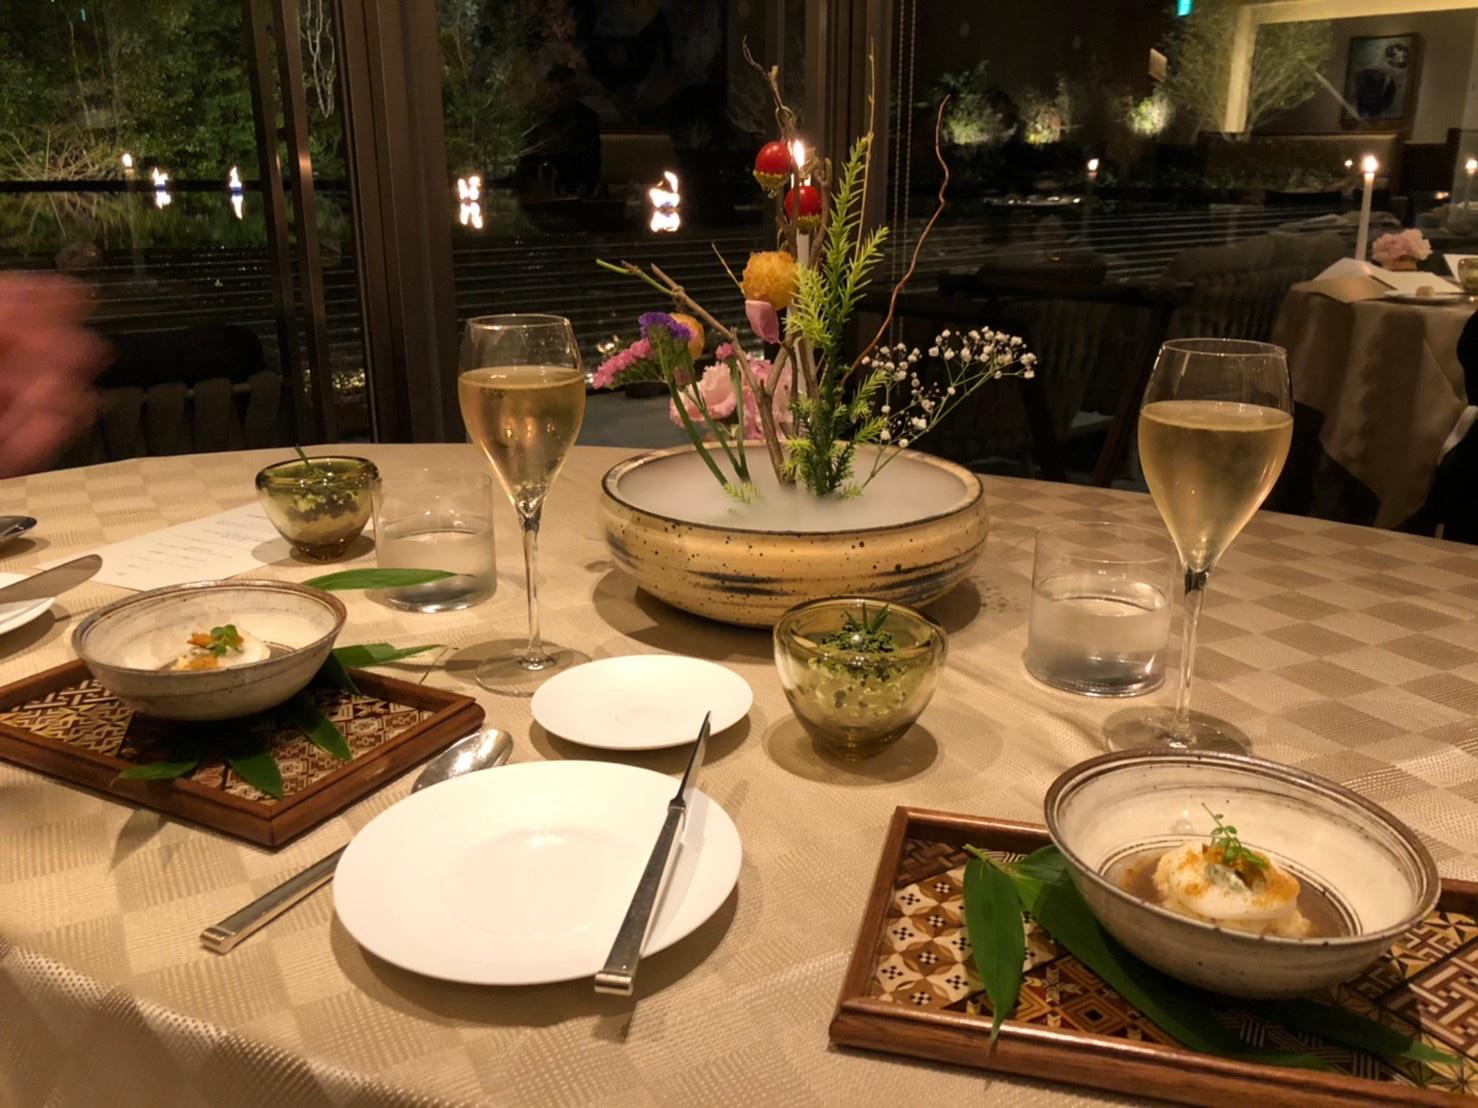 【箱根】《THE HIRAMATSU HOTELS & RESORTS 仙石原》へ行きました〜ディナー編〜_3